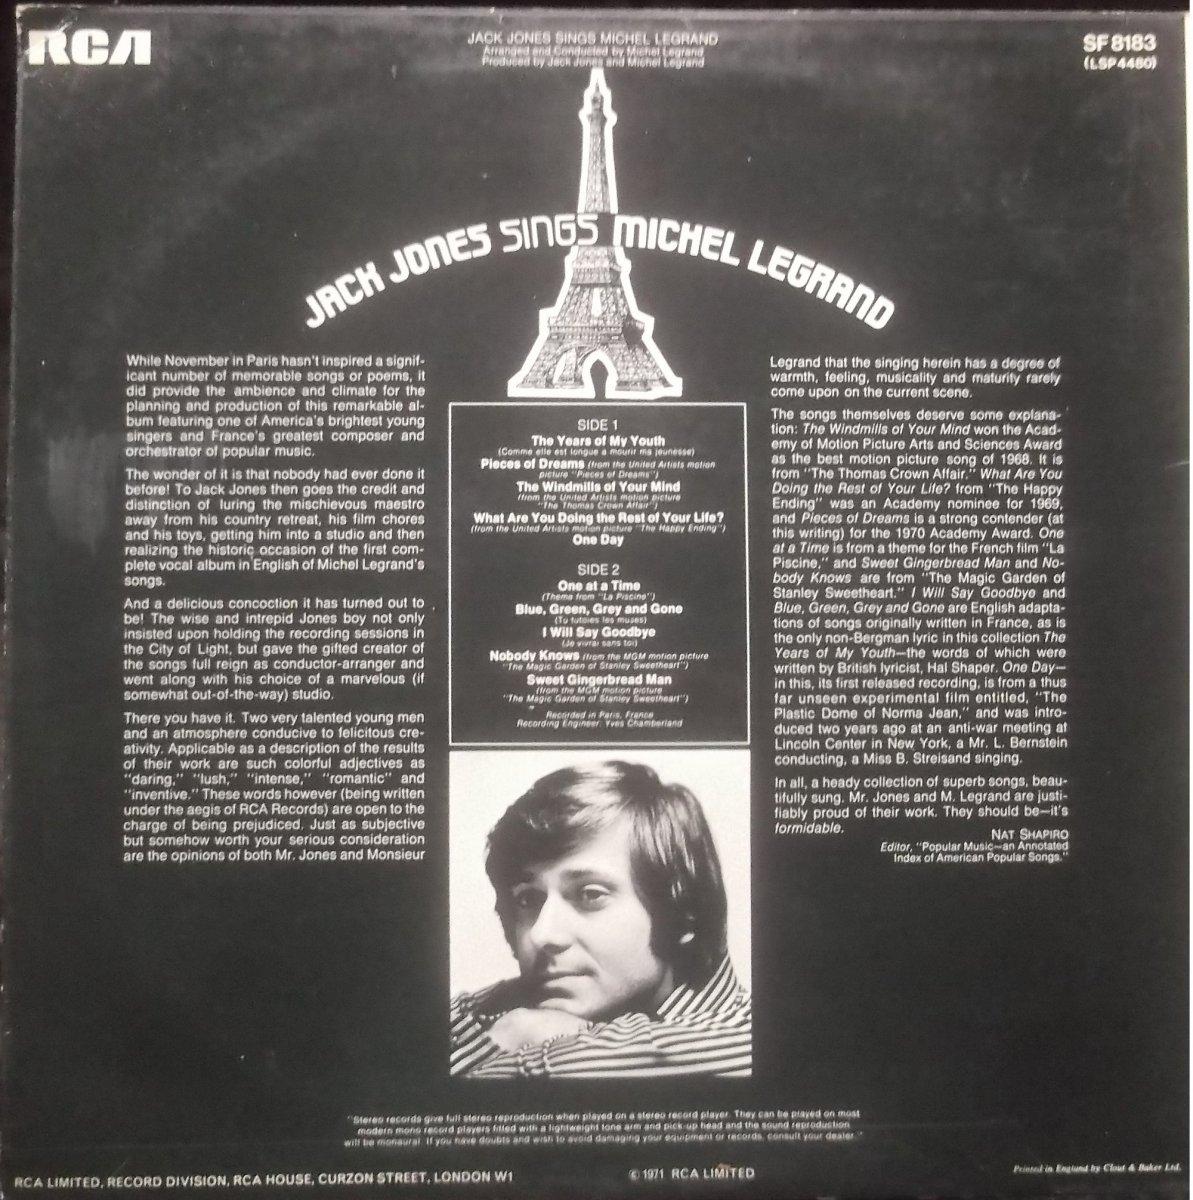 Jack Jones – Jack Jones Sings Michel Legrand